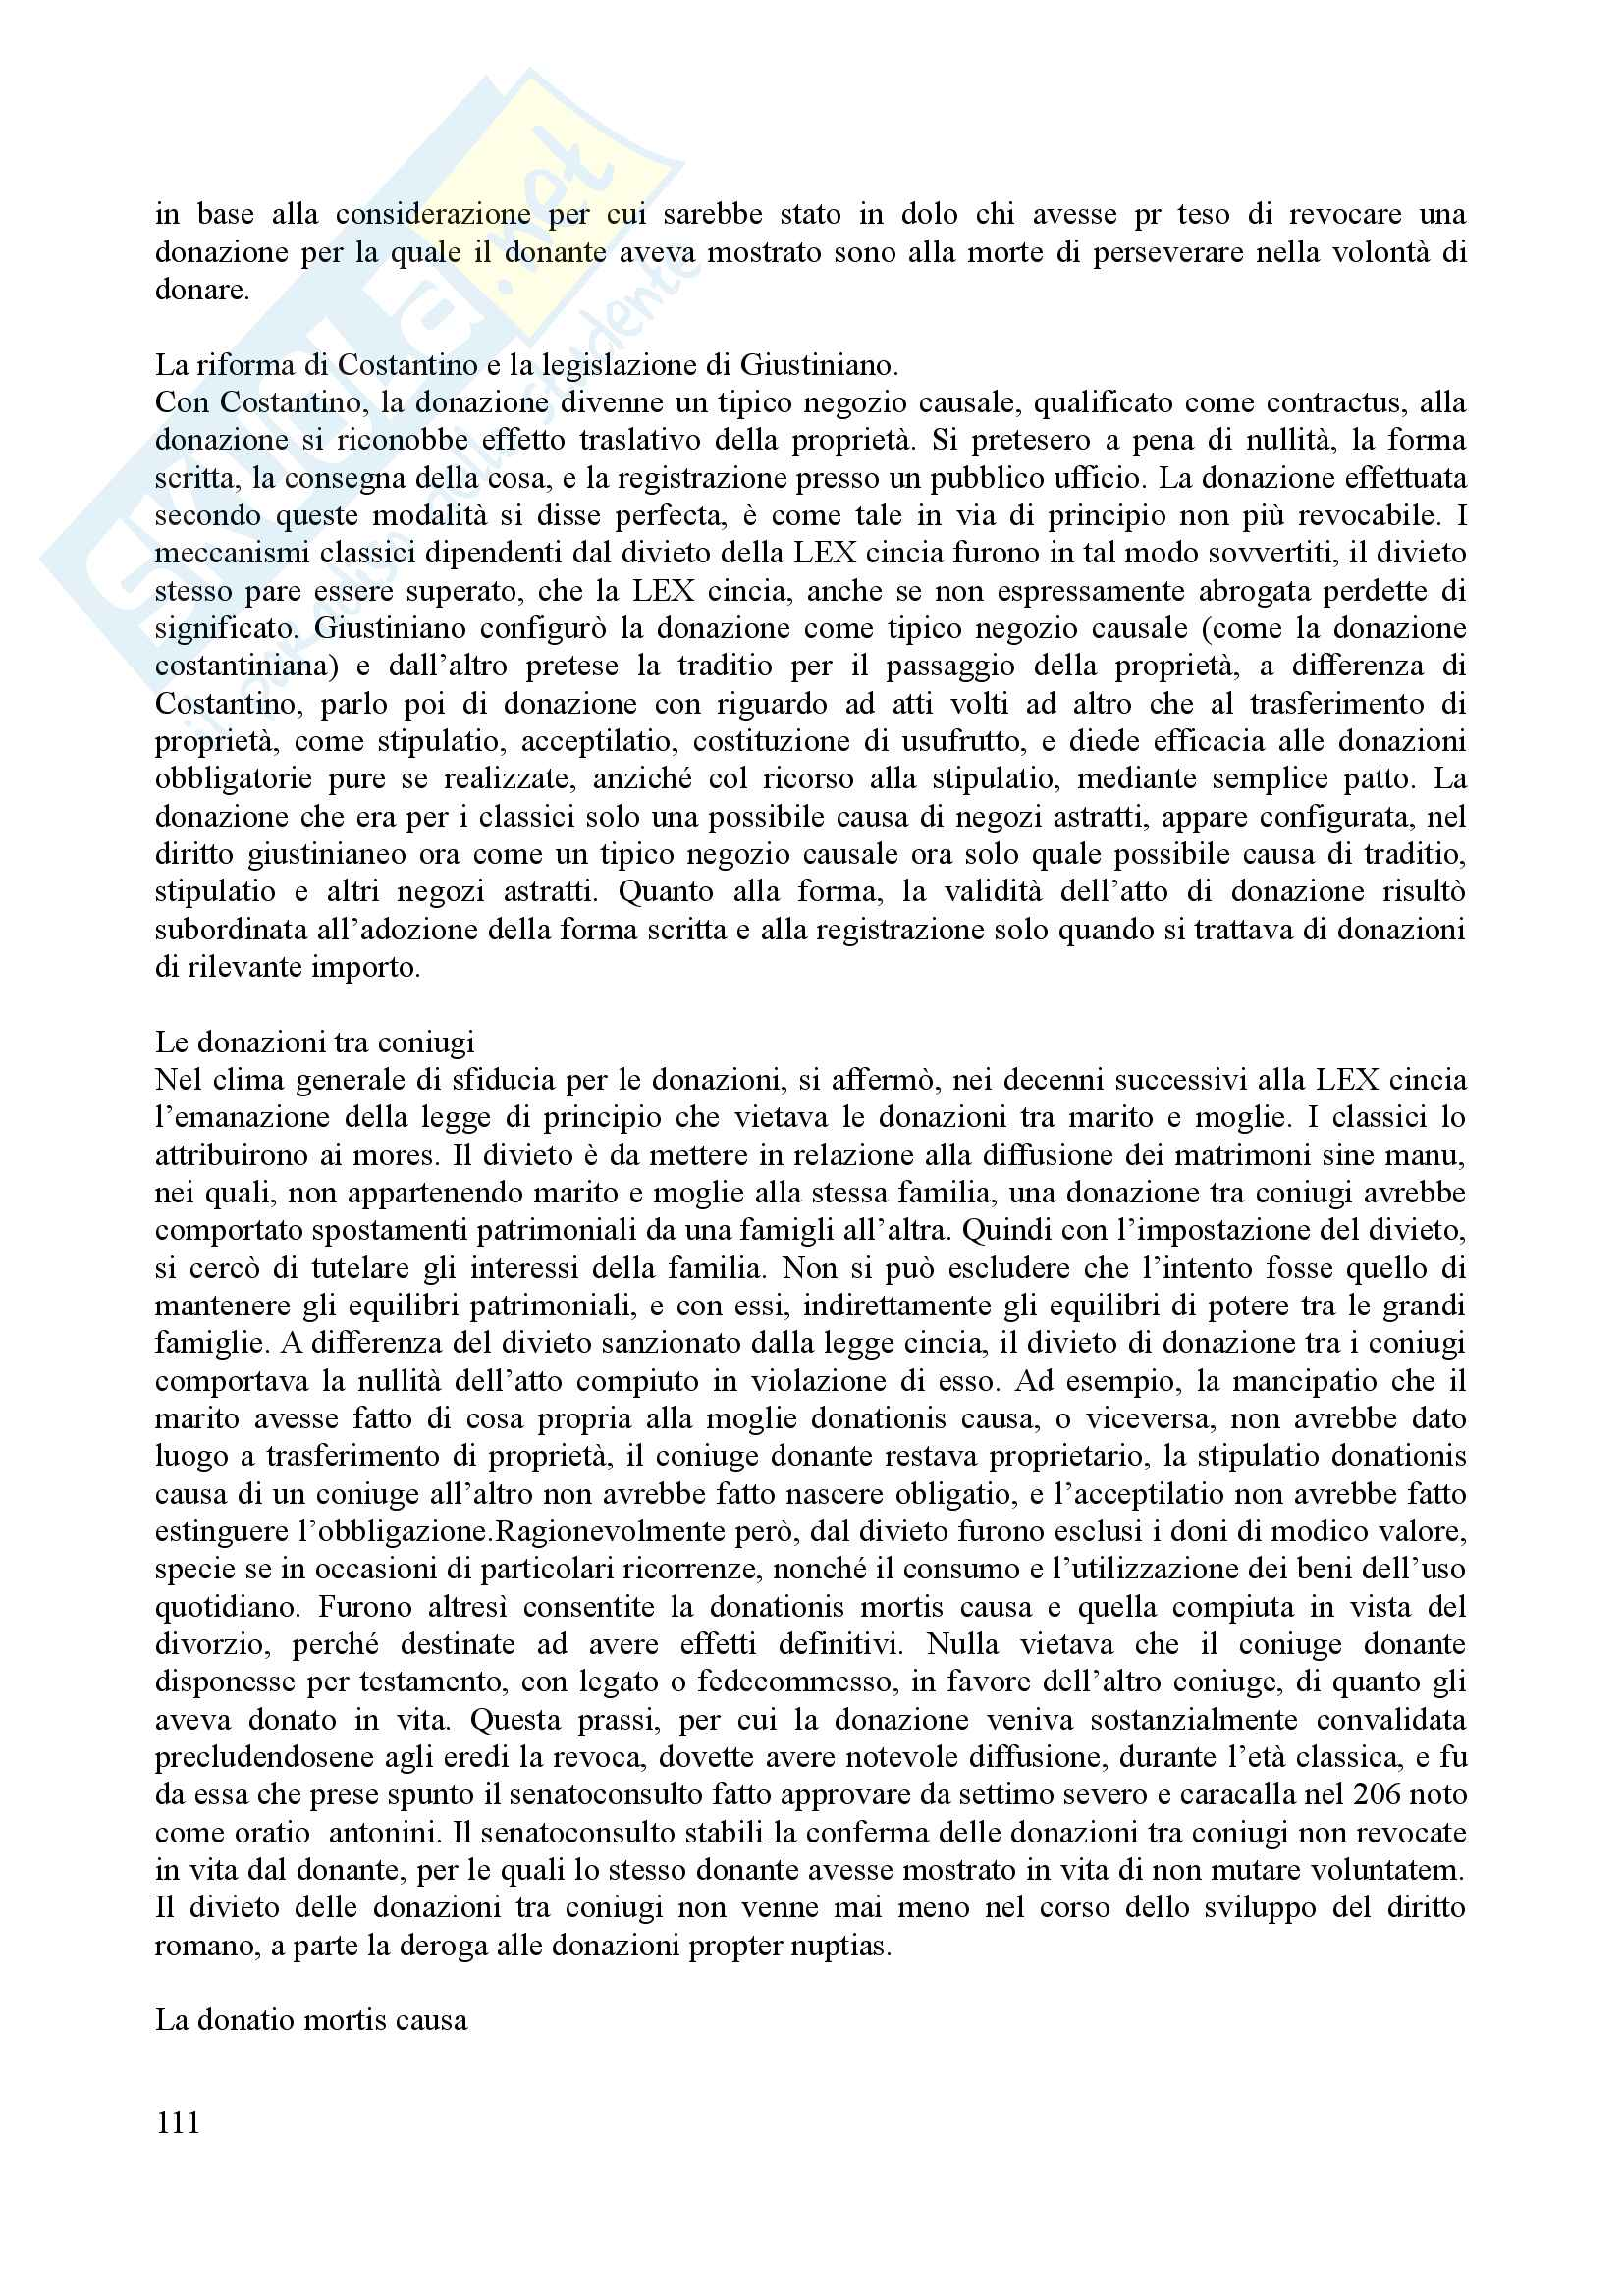 Riassunto per l'esame di istituzioni del diritto romano, prof. Dalla Massara Pag. 111